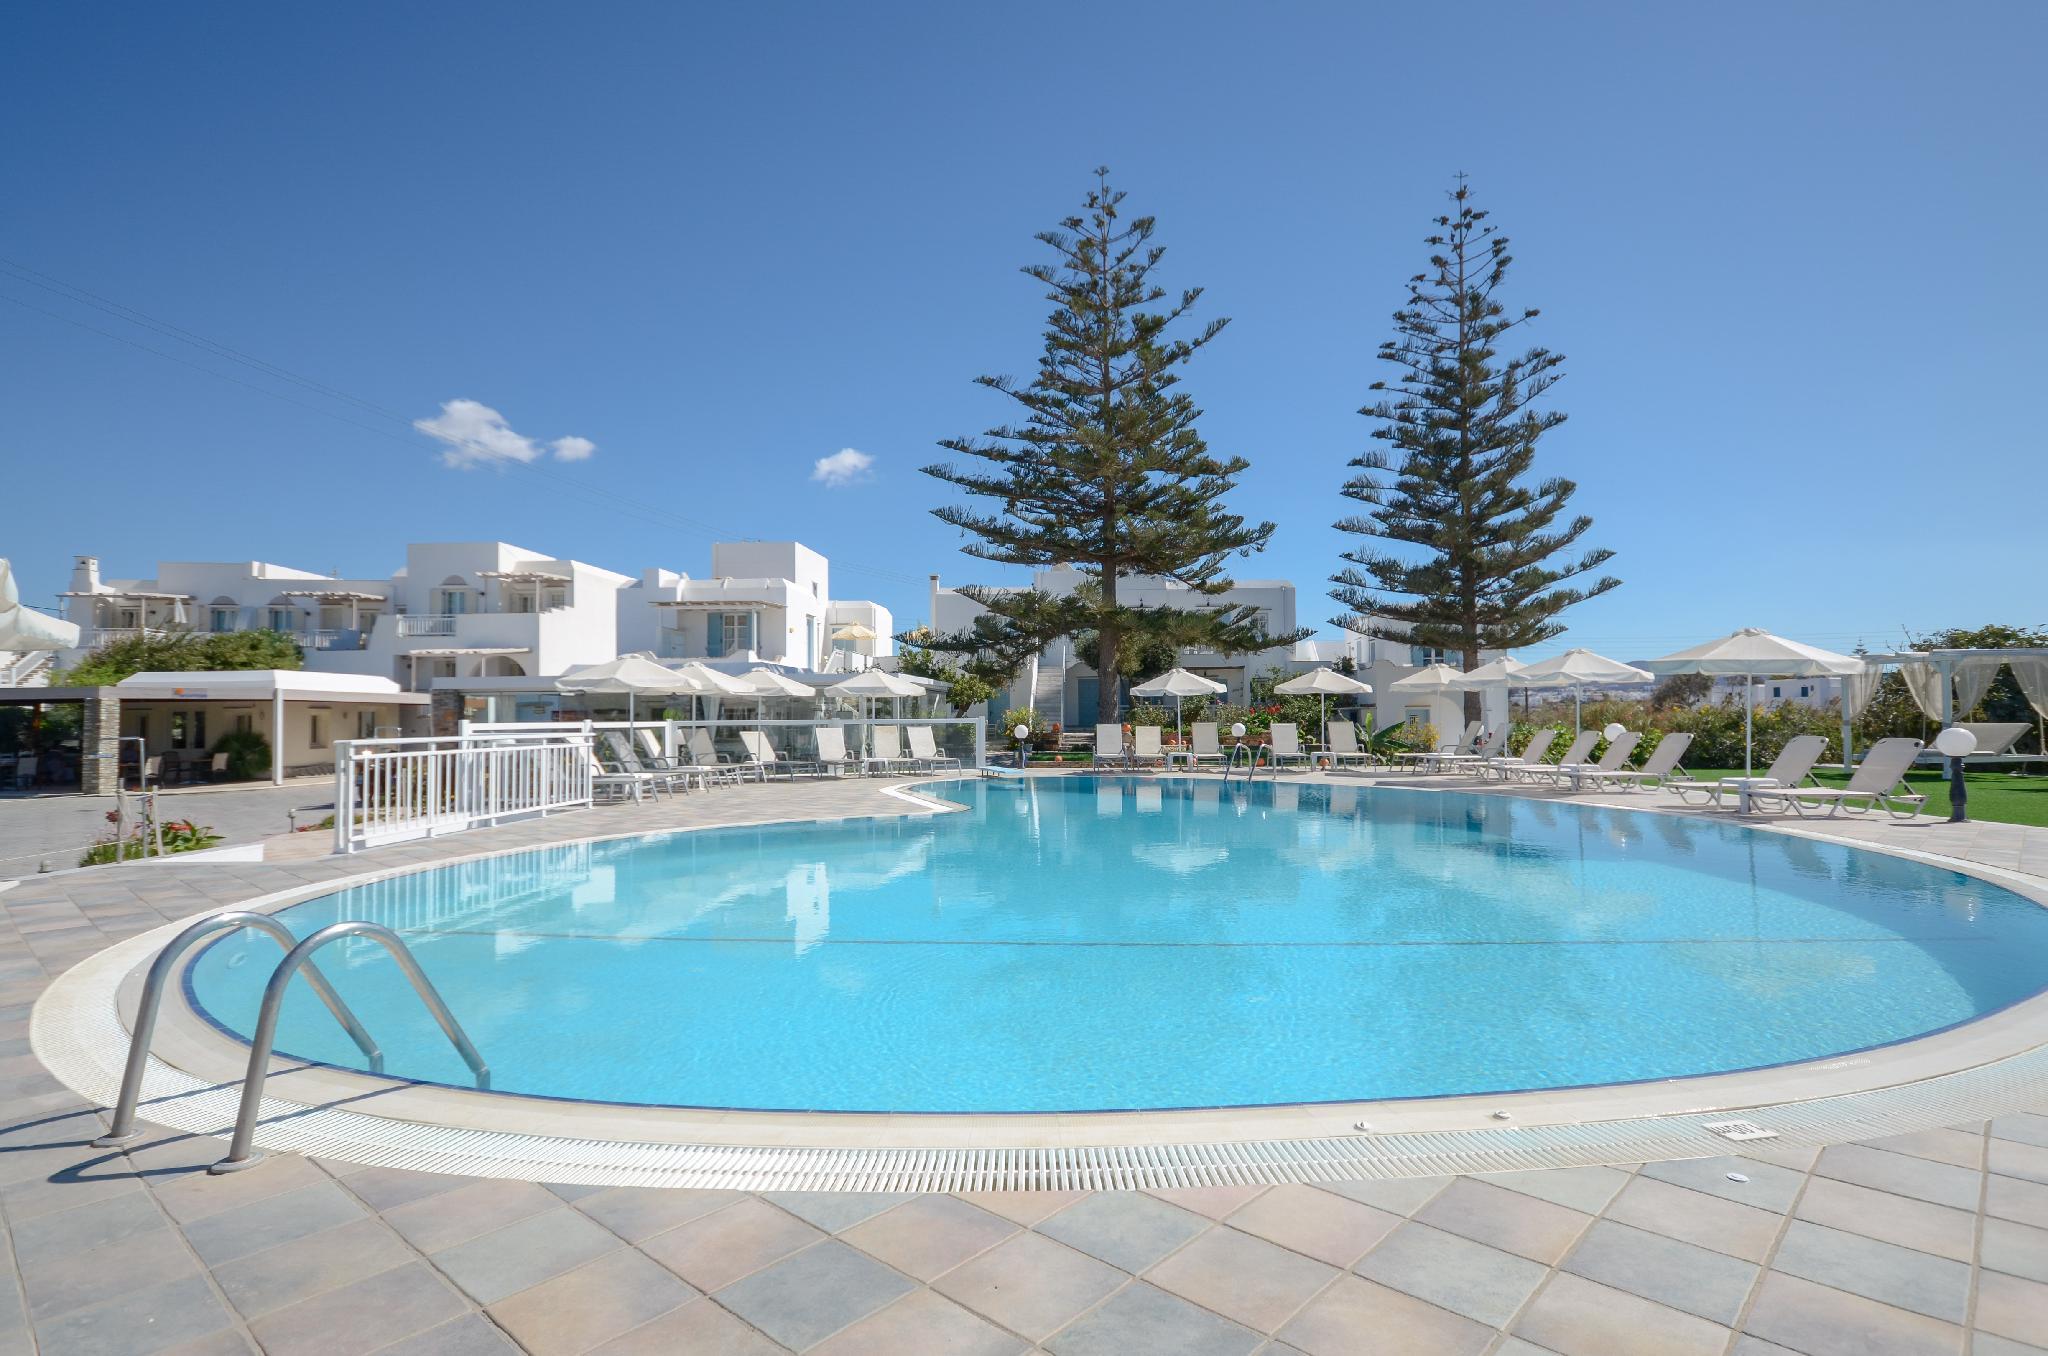 Birikos Hotel And Suites